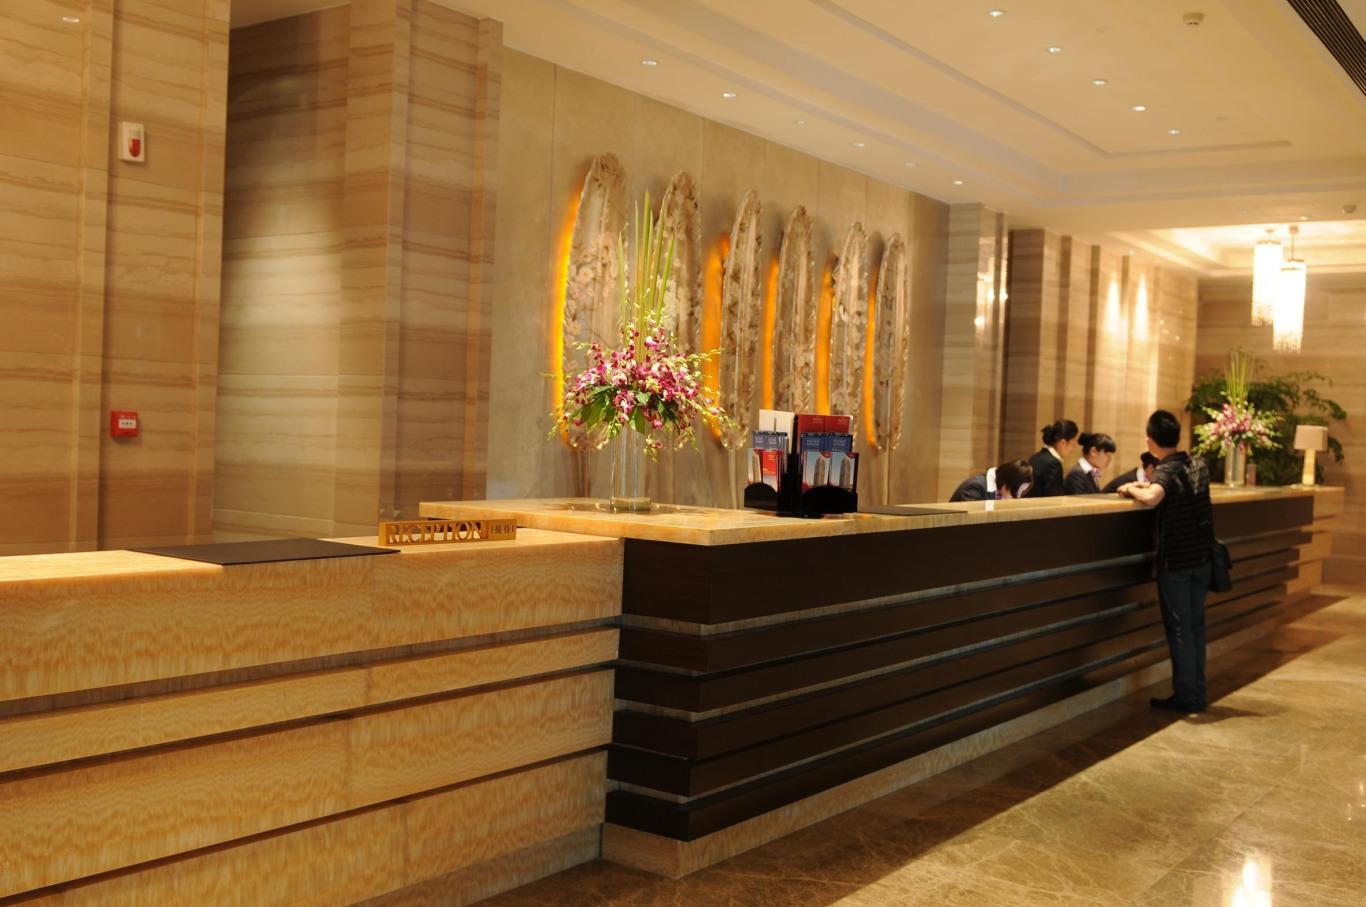 合肥皇冠假日酒店导视系统设计图1